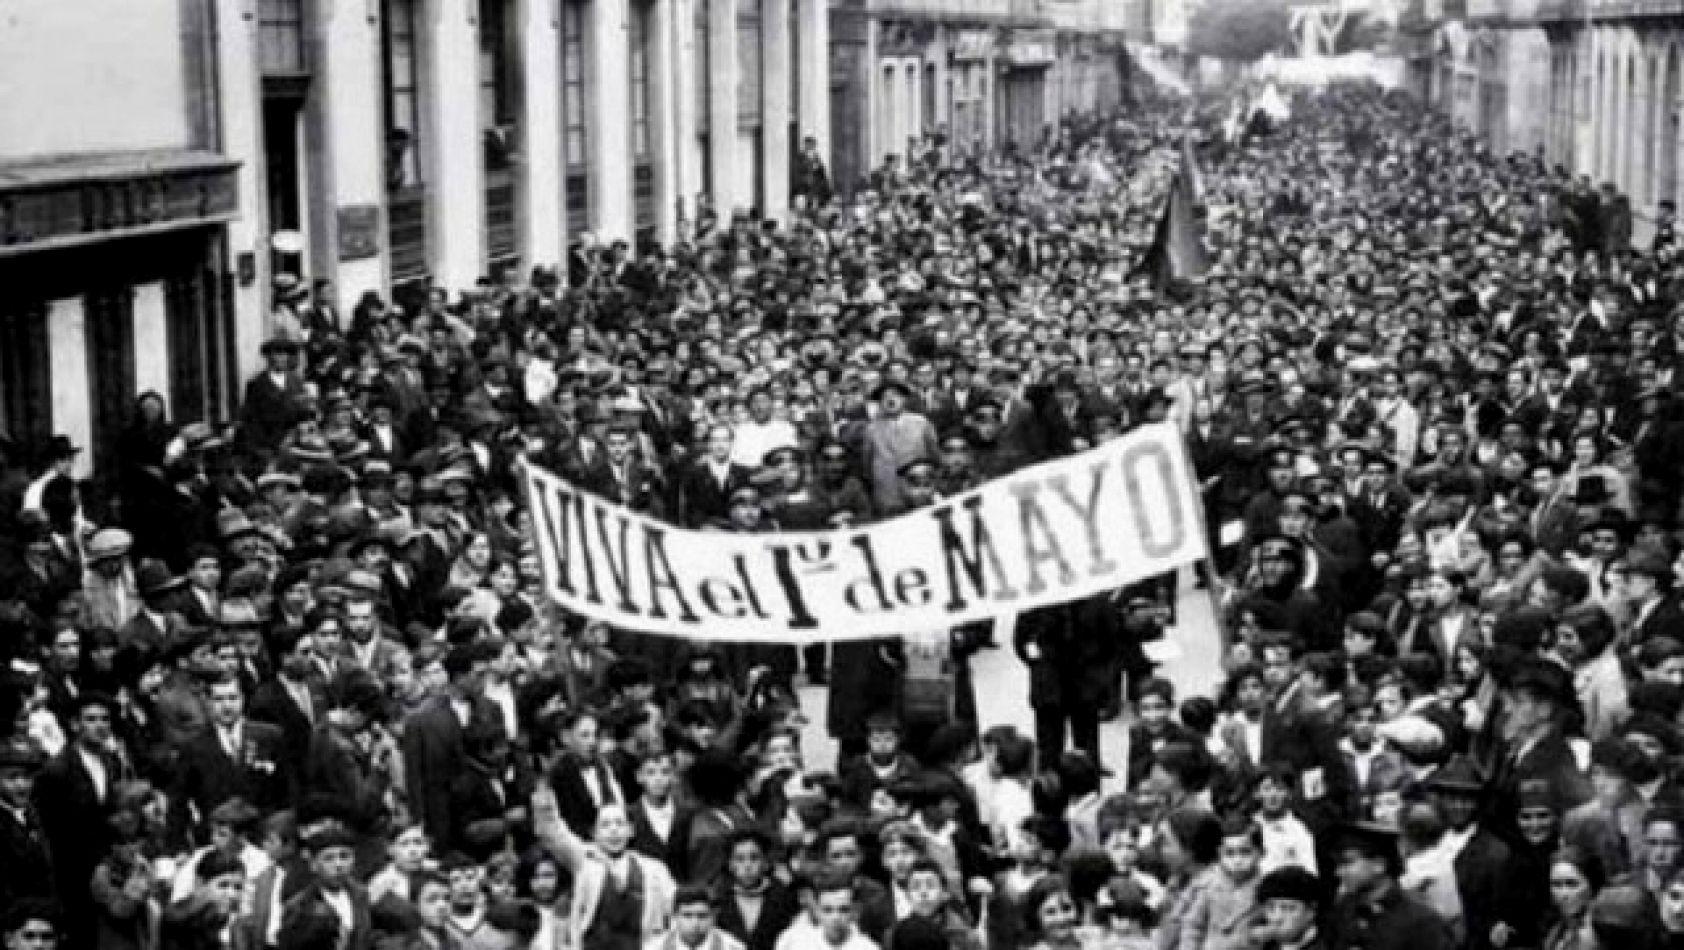 """Día del trabajador 2019: """"resistir y organizarnos, para que no nos hagan más daño"""""""